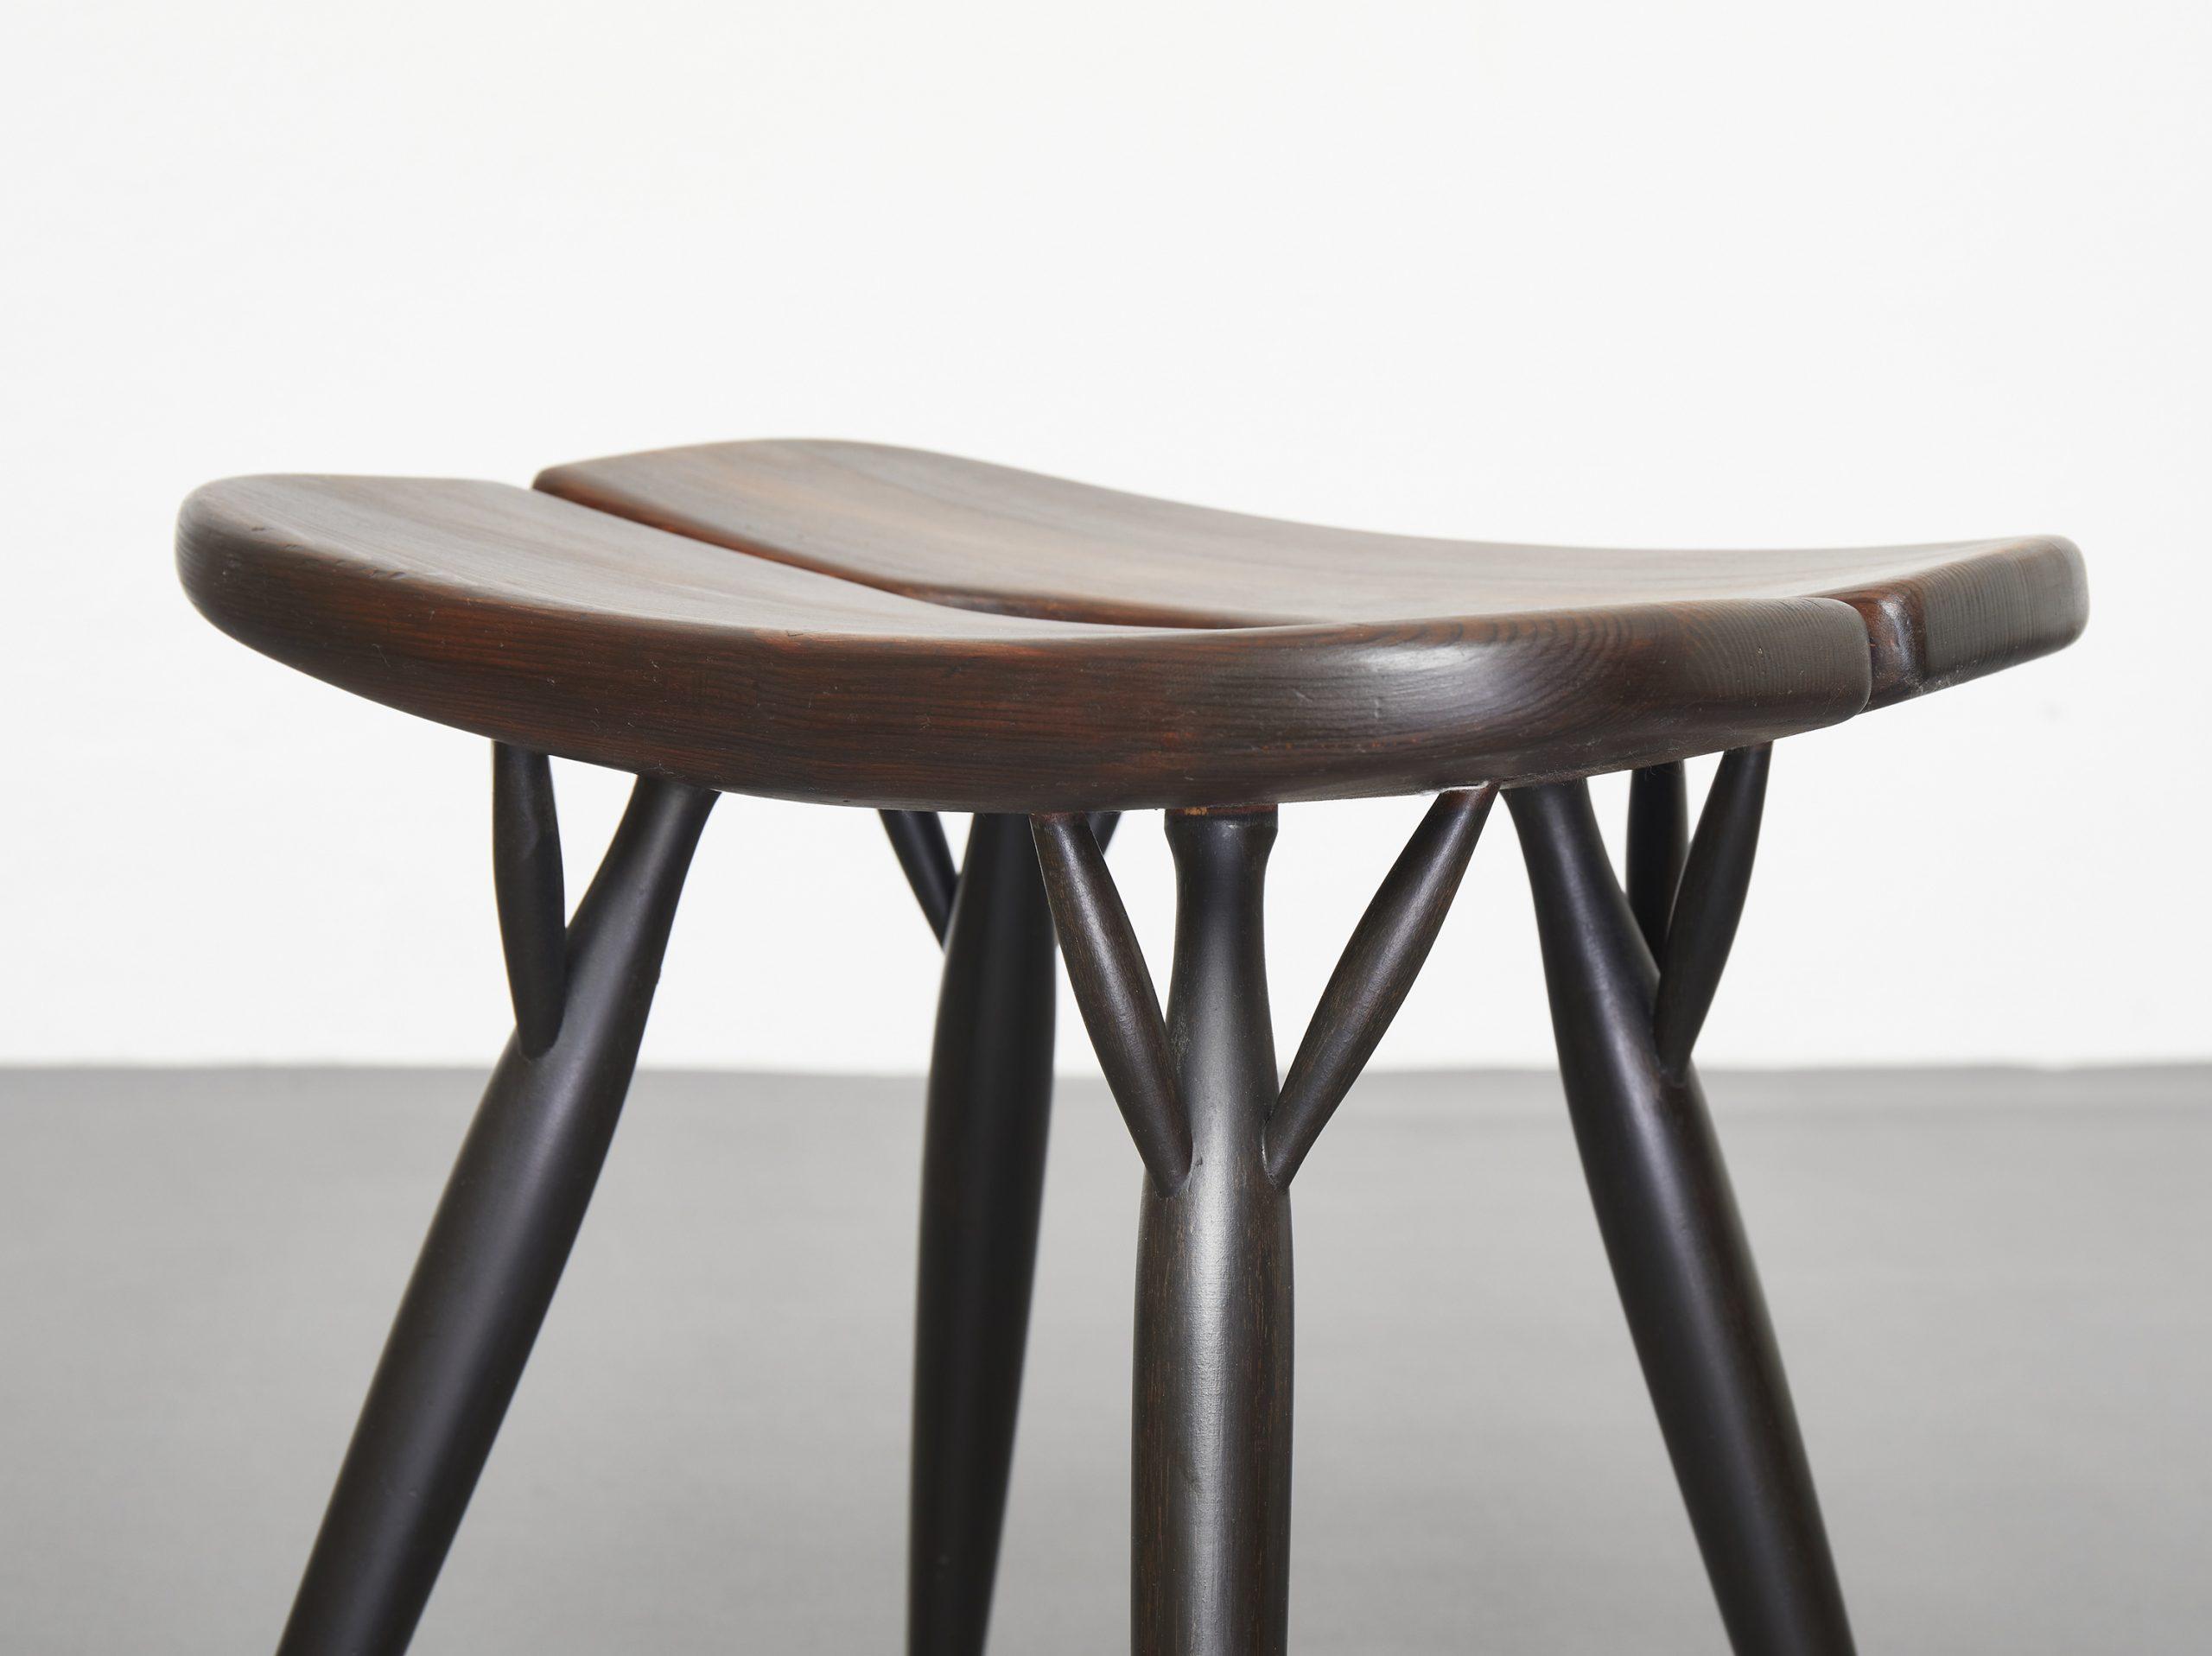 pair-of-pirkka-stools-by-ilmari-tapiovaara-1955-image-08